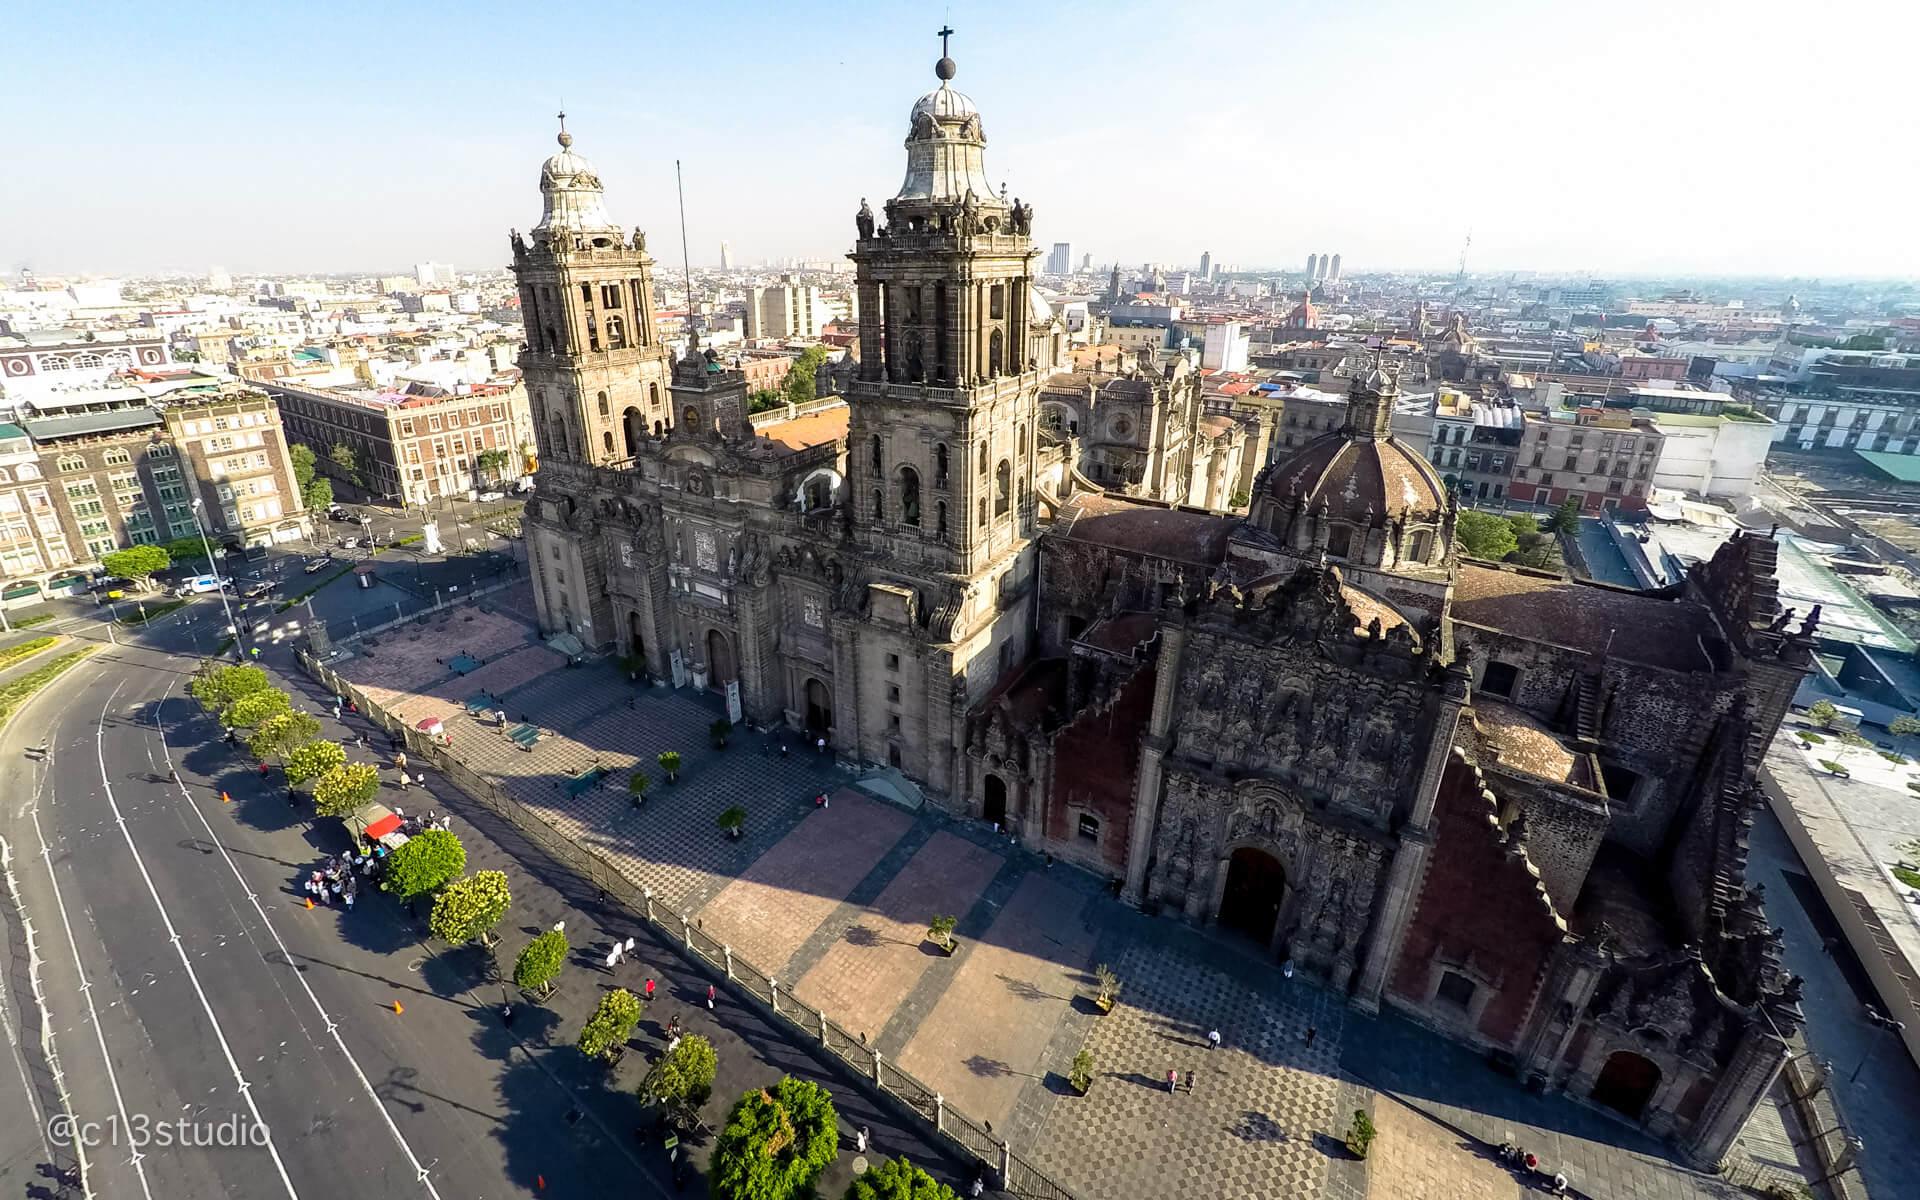 Ninguna lista de los edificios más antiguos de méxico estaría completa sin la mención obligatoria de la catedral metropolitana de la ciudad de méxico